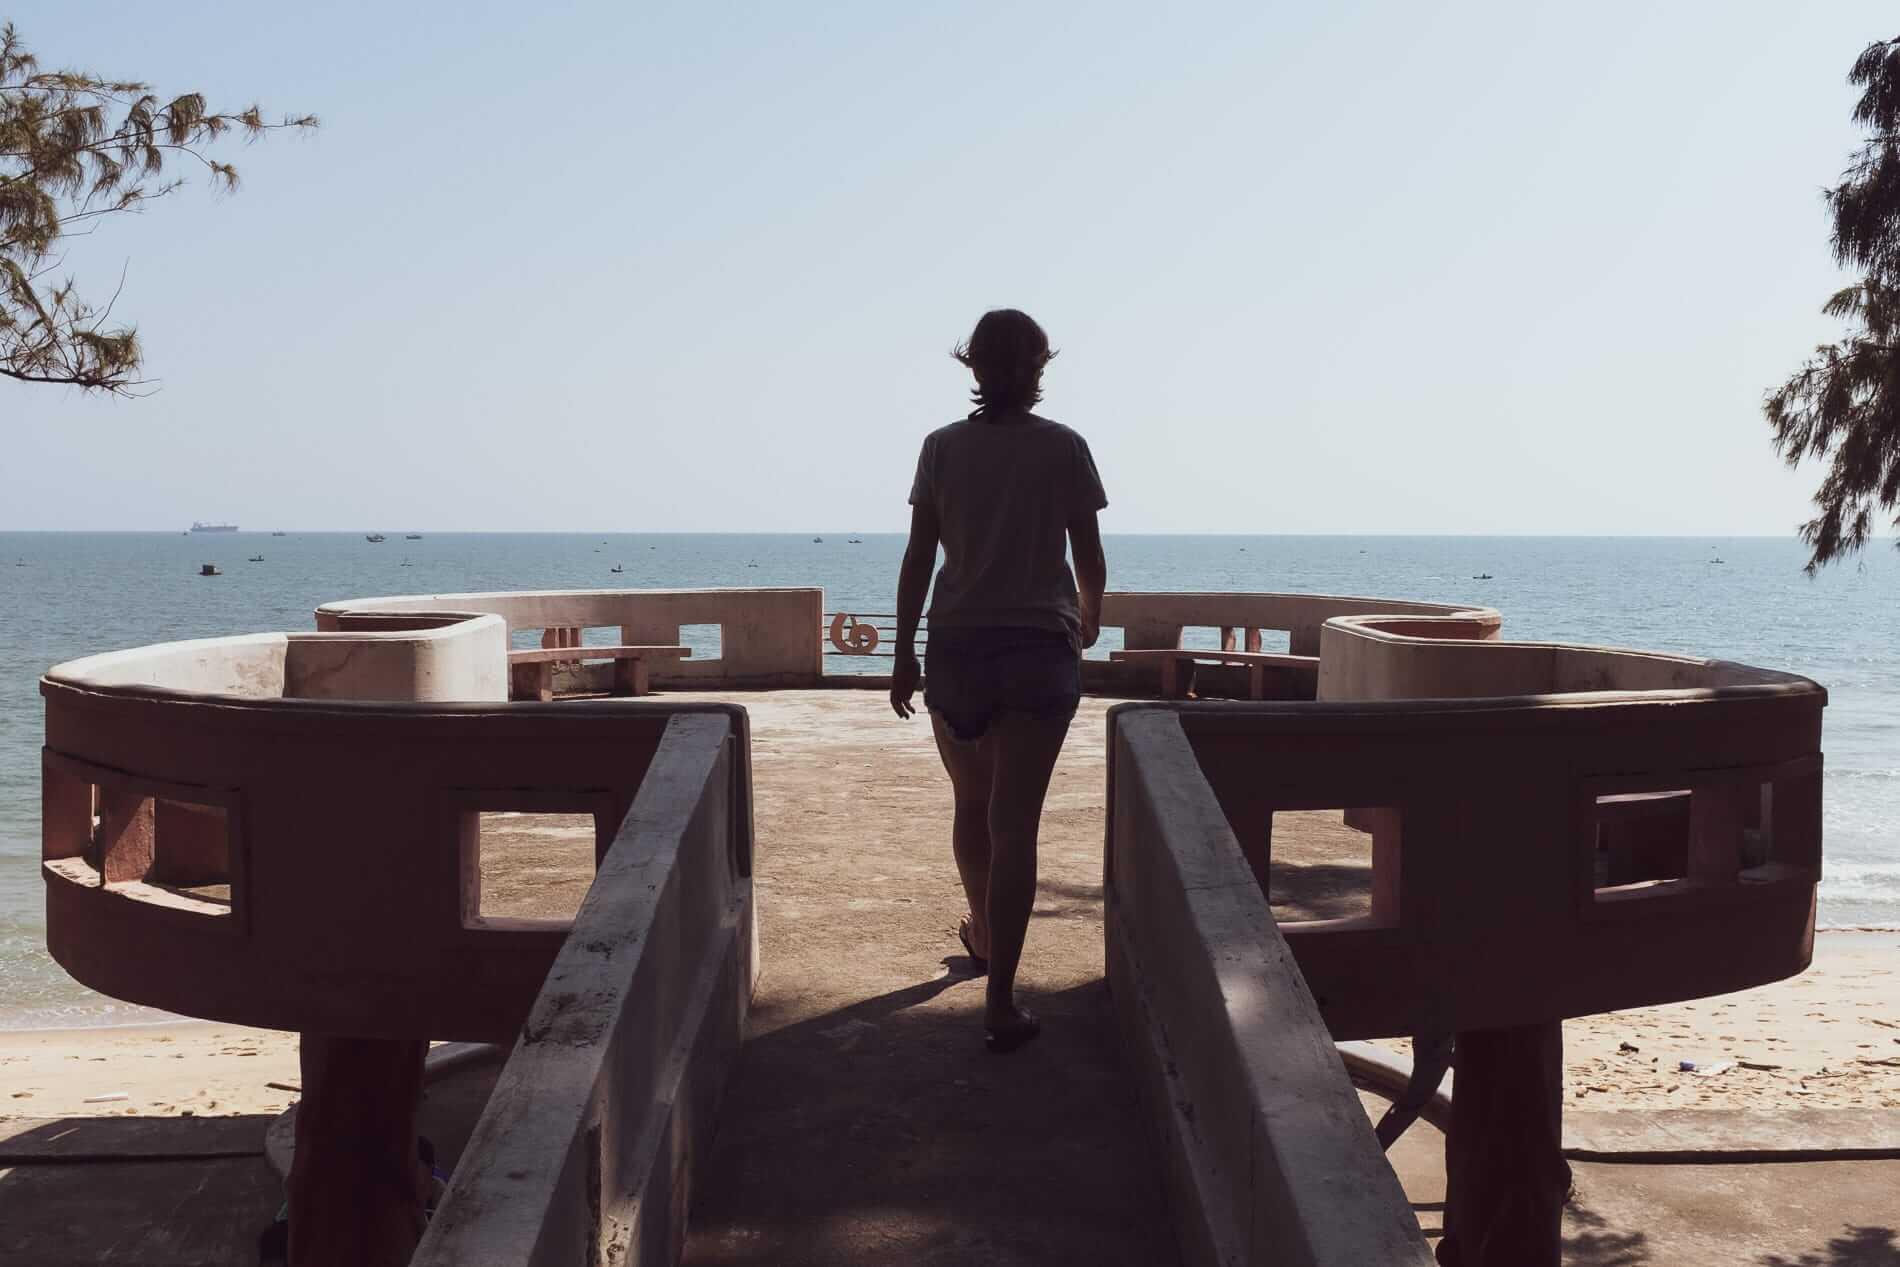 beachfront view - Hoi An to Quy Nhon